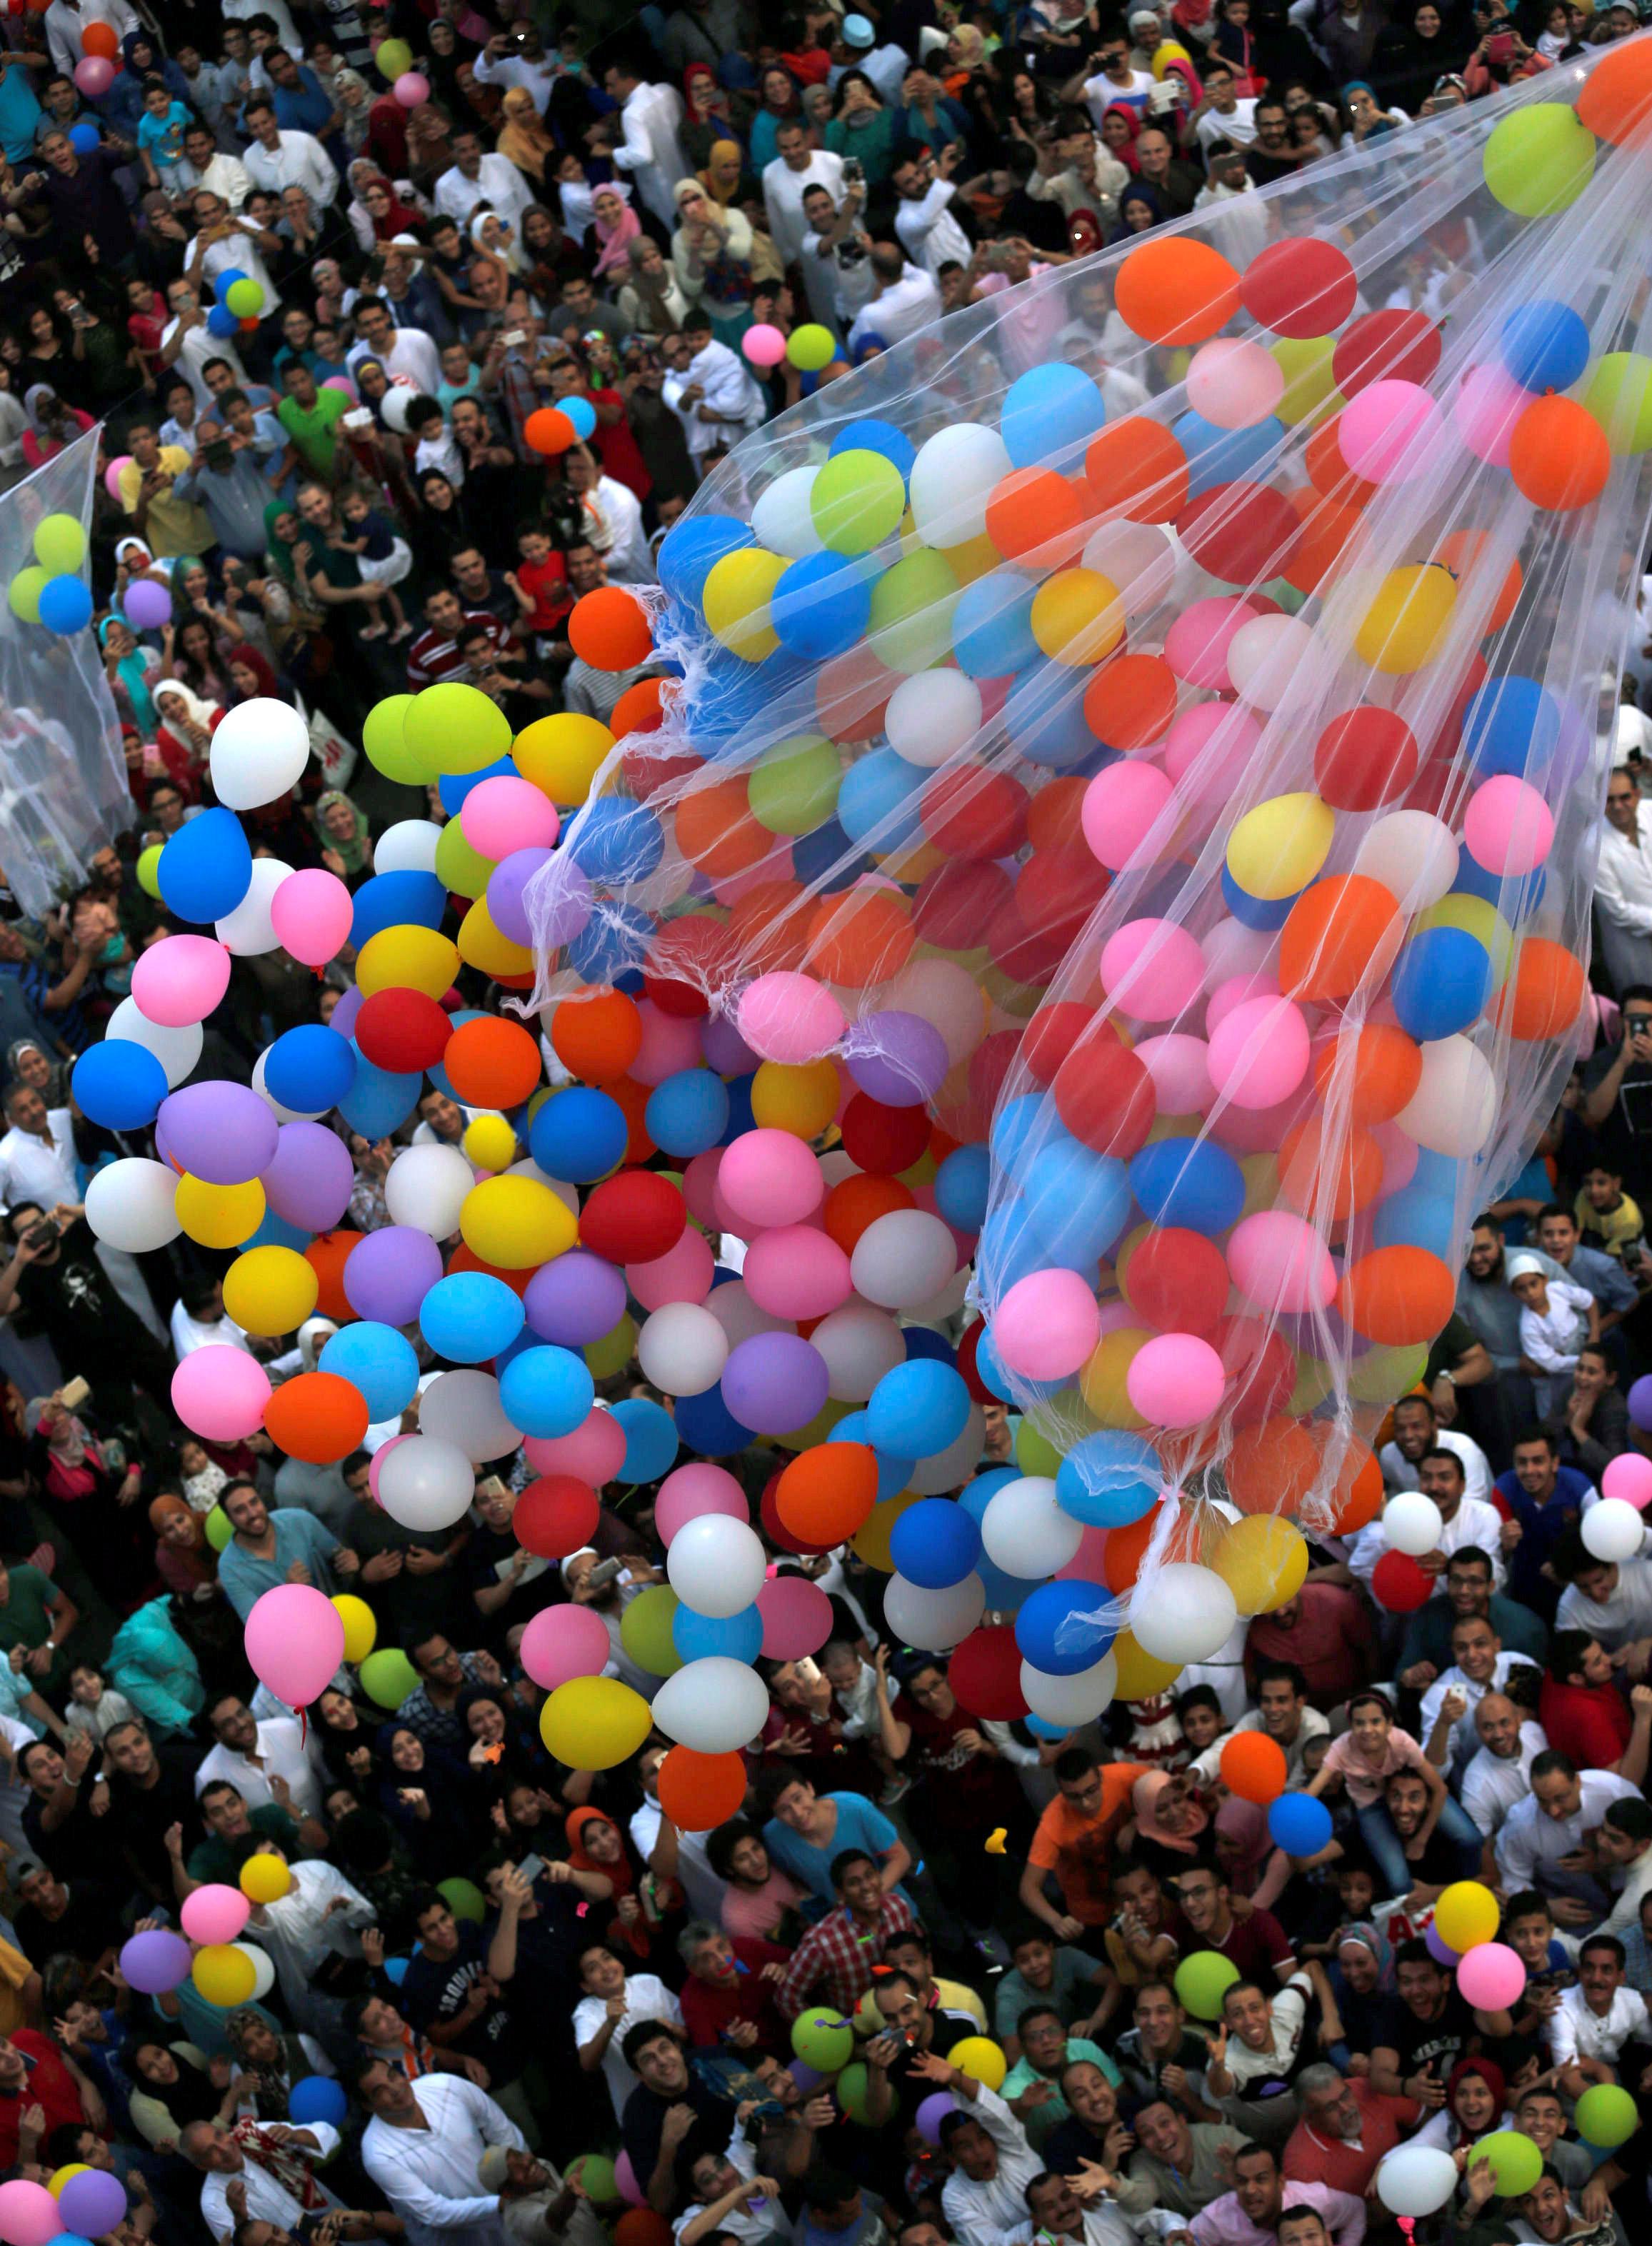 صور لمظاهر يوم العيد